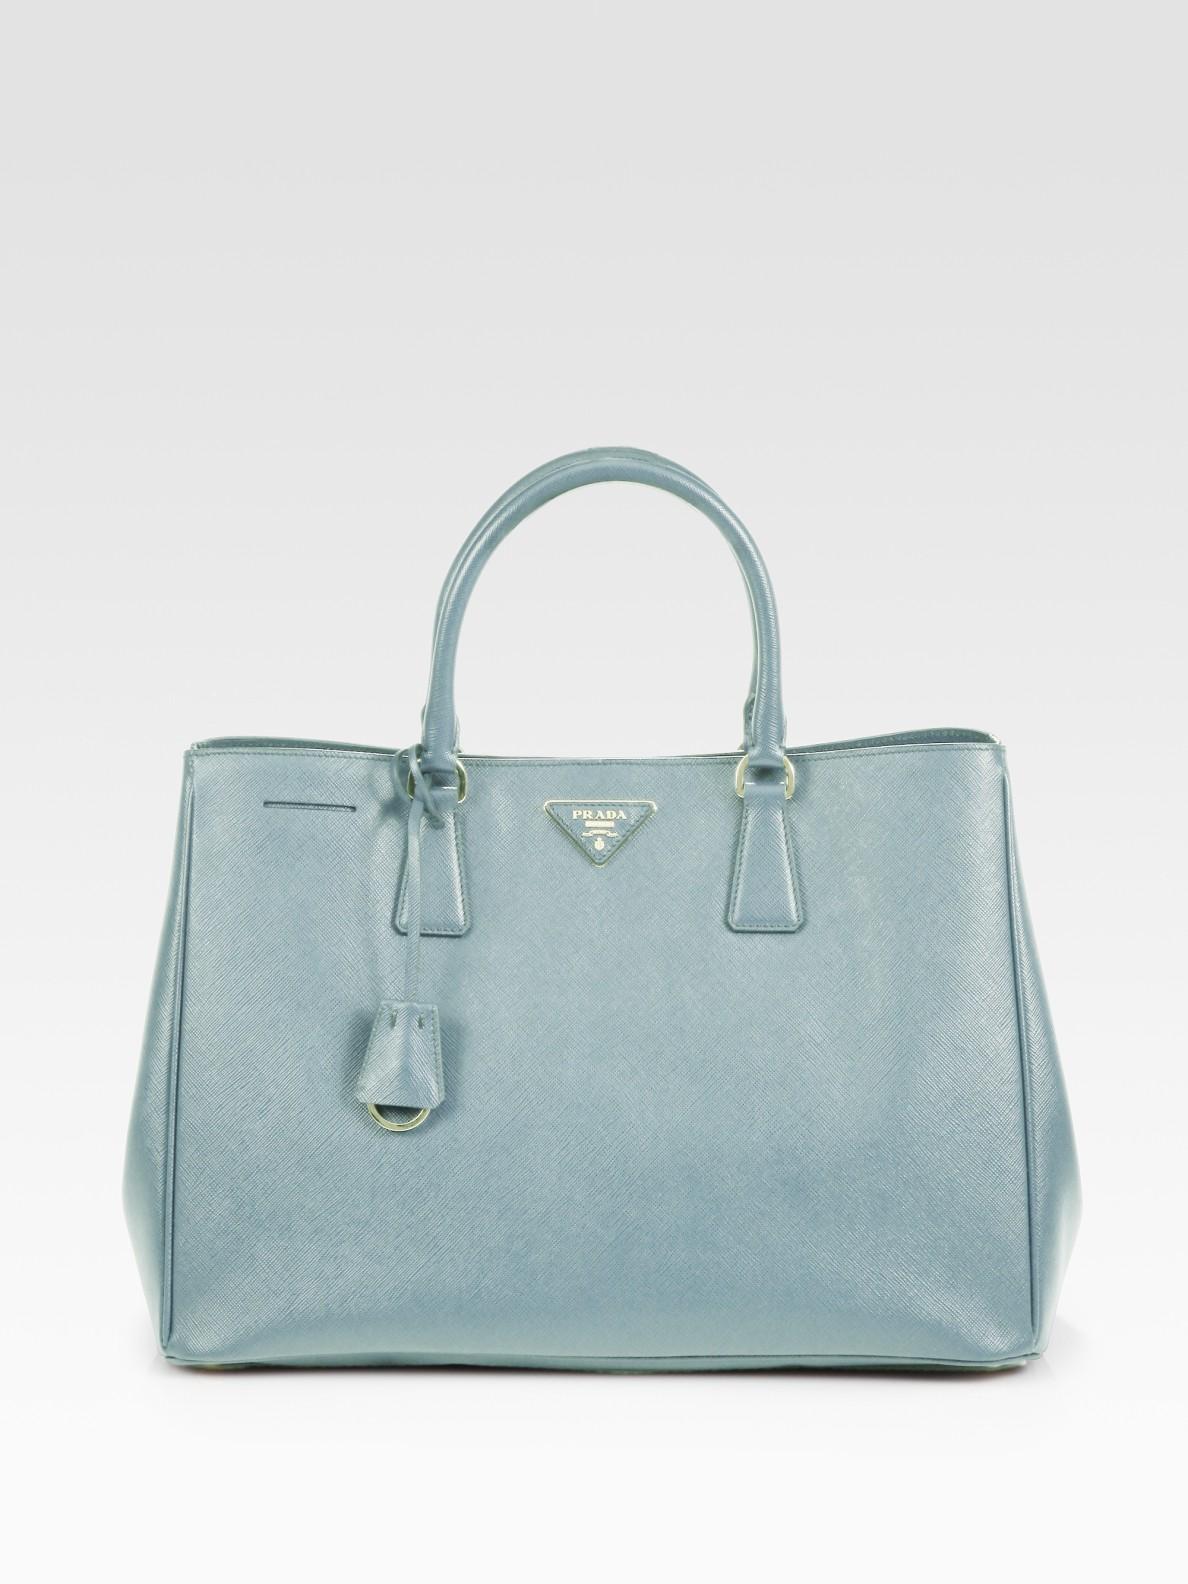 13757be4b10d ... czech lyst prada saffiano lux tote bag in blue f393a 7a68b ...